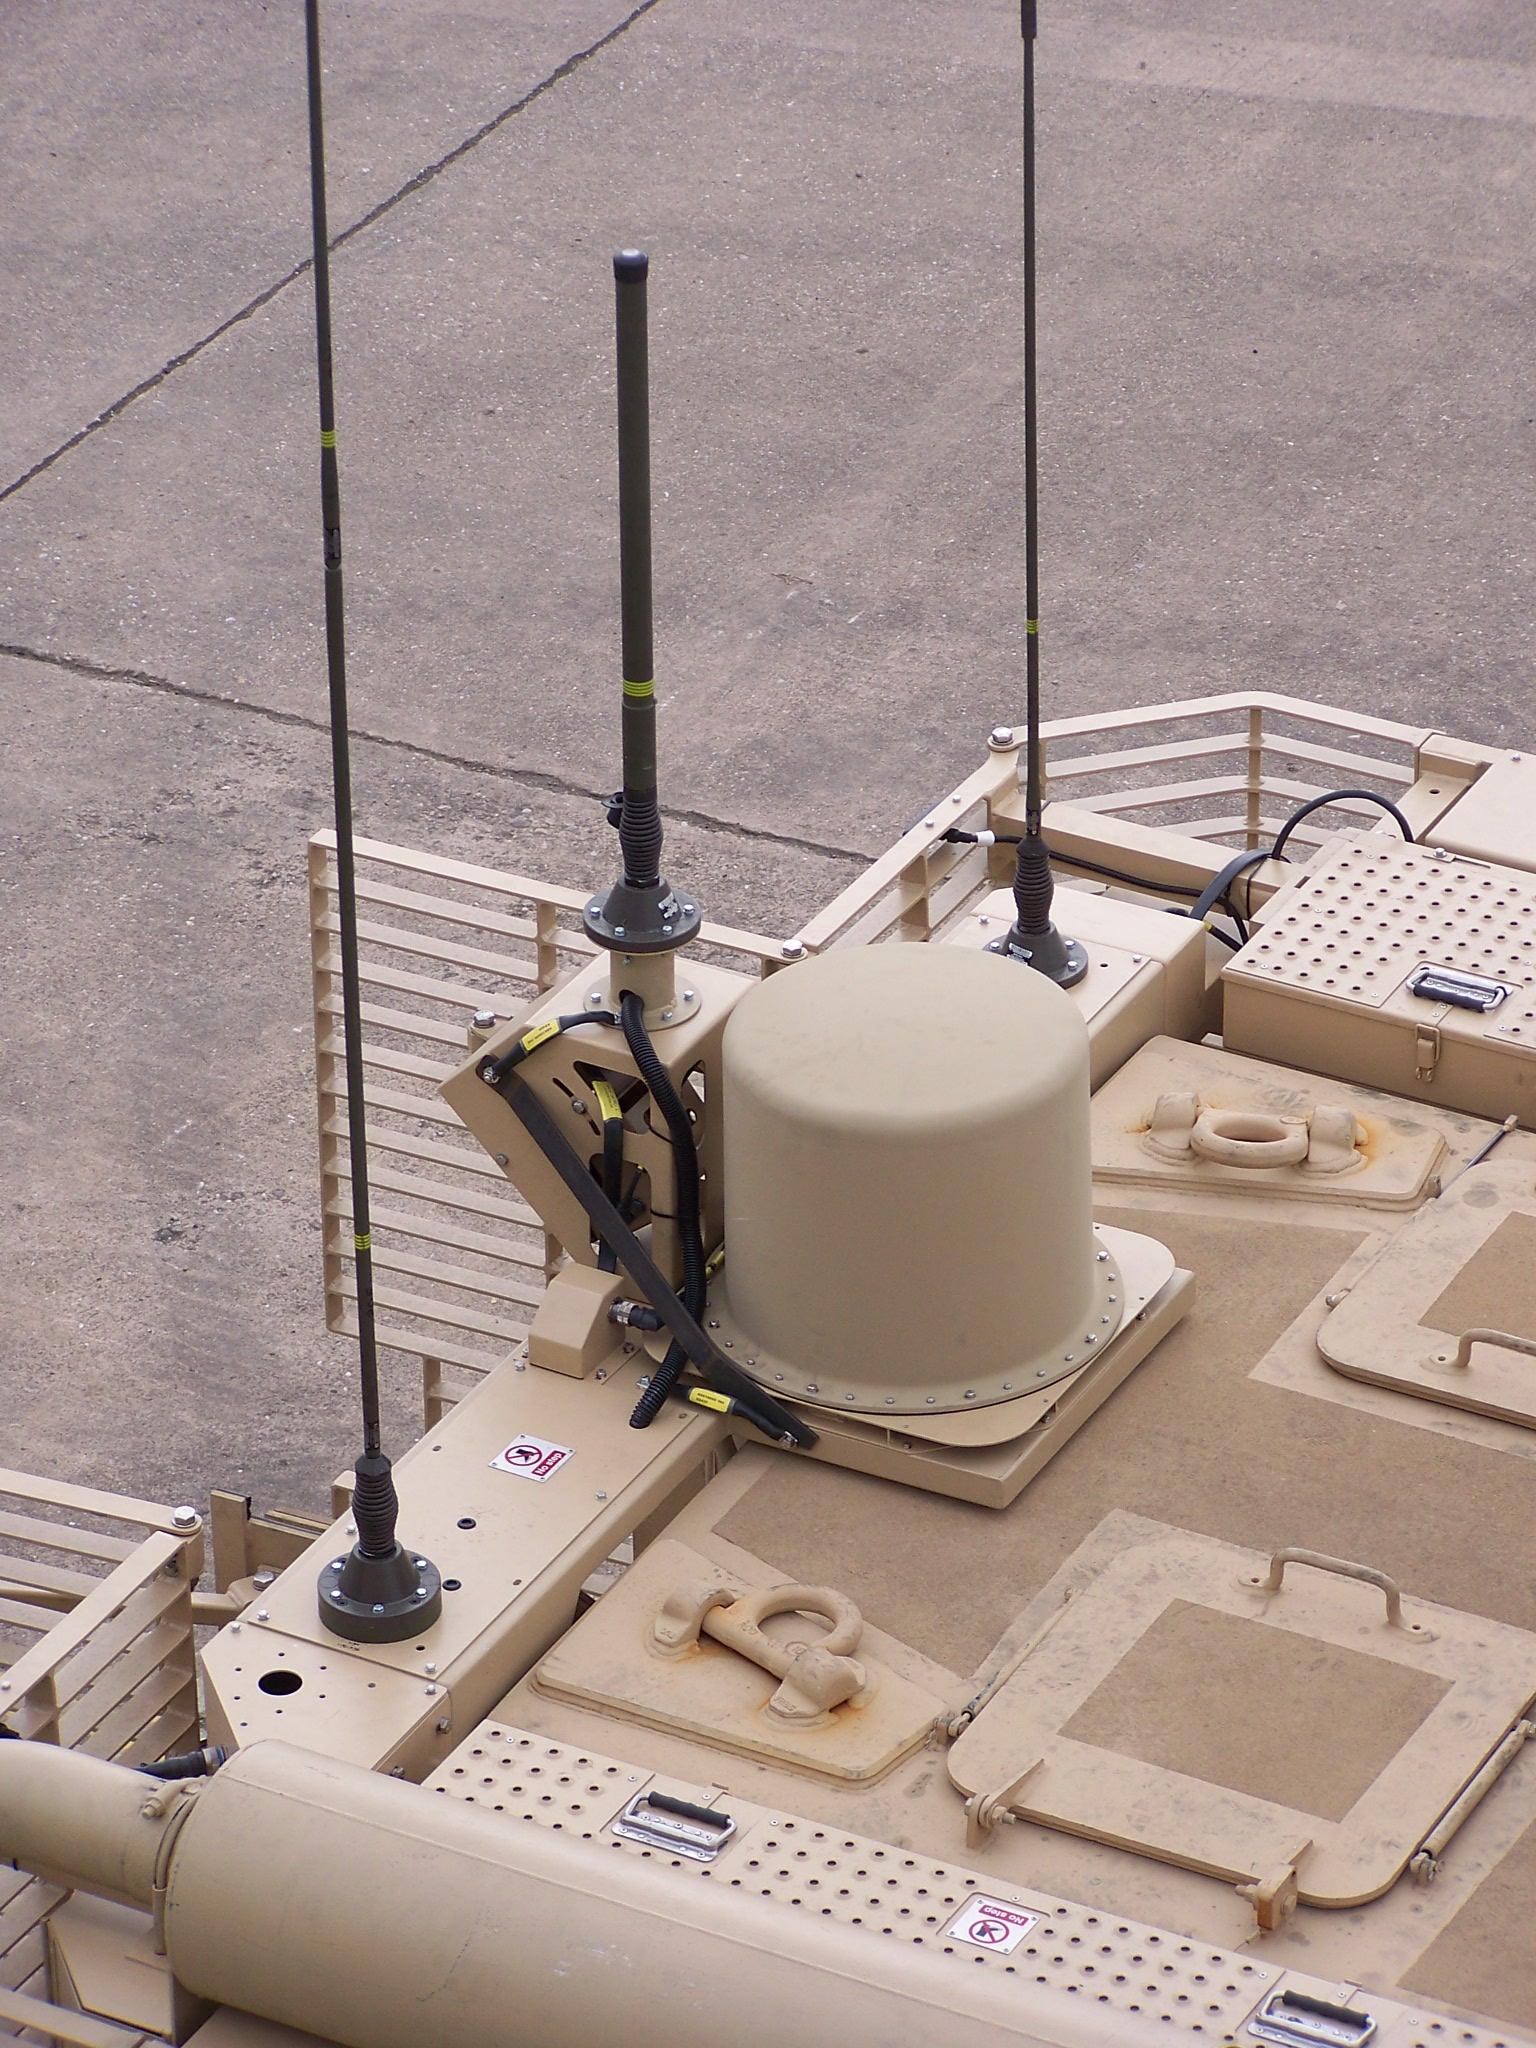 AV2094-3 Self Steering UHF Satellite Antenna System